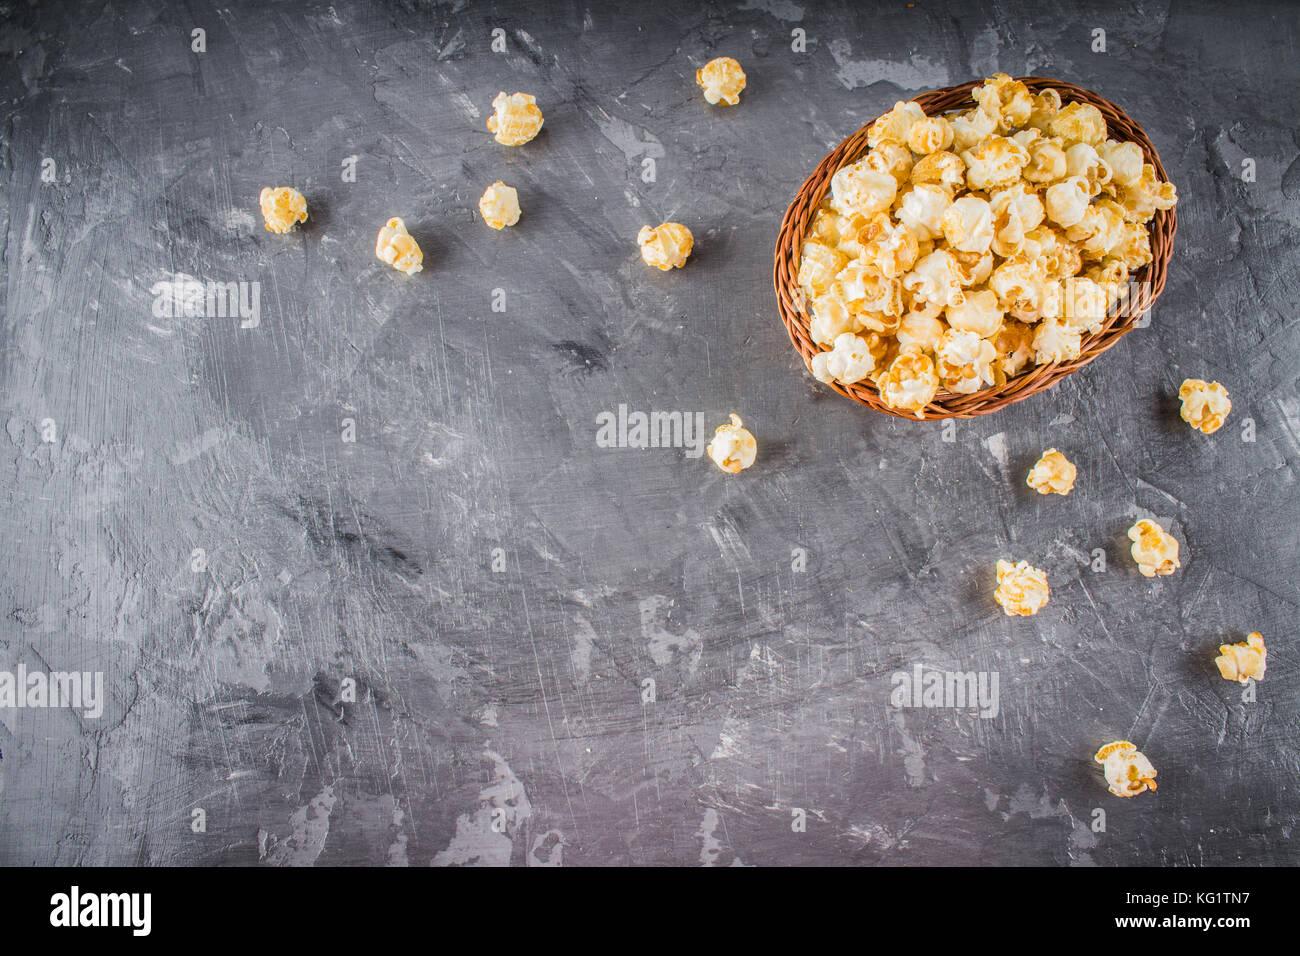 Popcorn sur un fond gris. Photo Stock